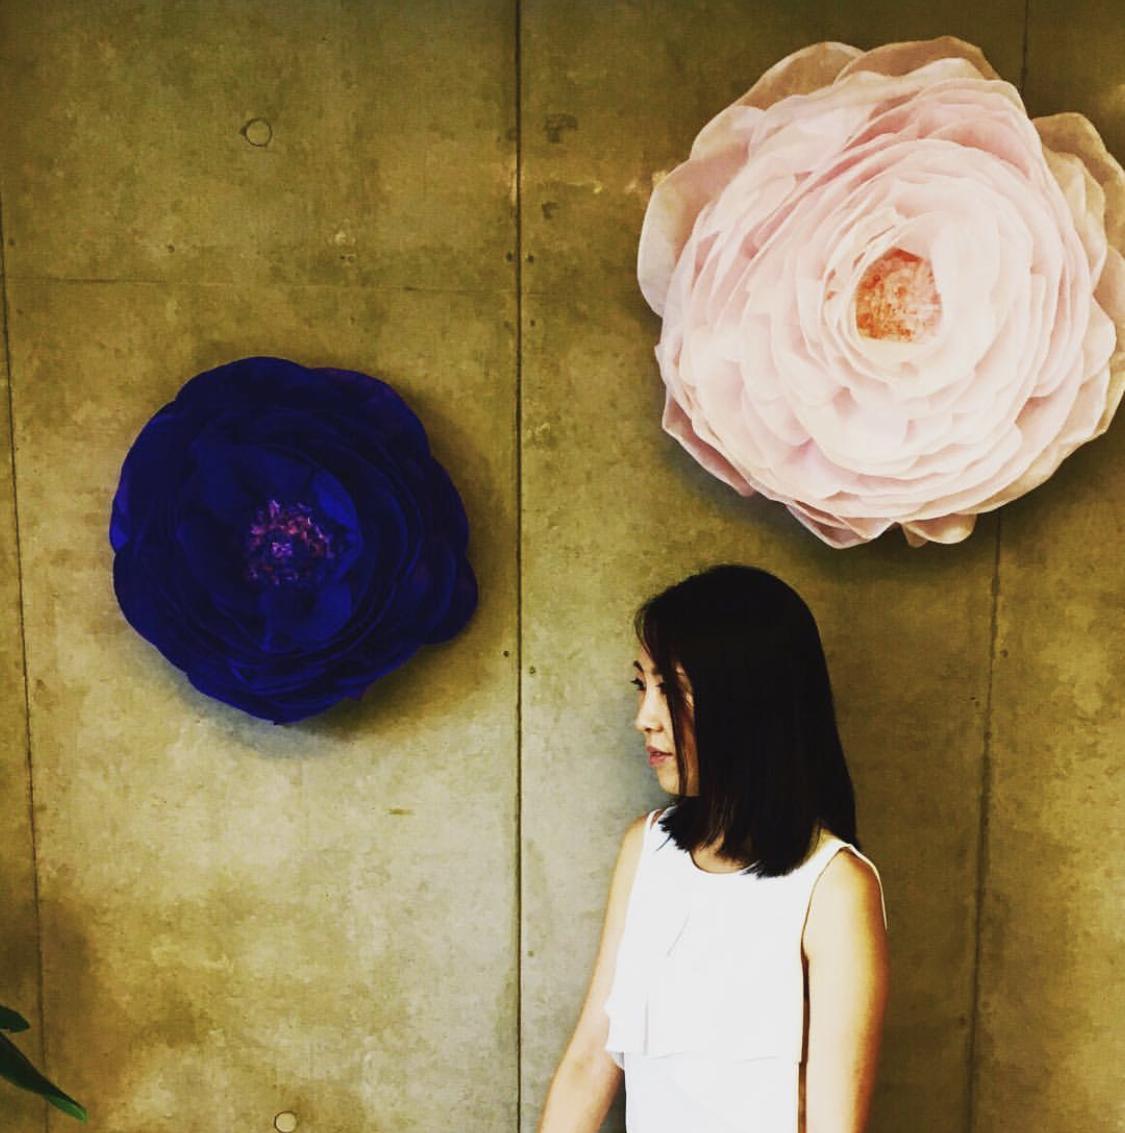 撮影装花作ります 海外で直接師事しました。有名メーカーCMなど多種多用で使用